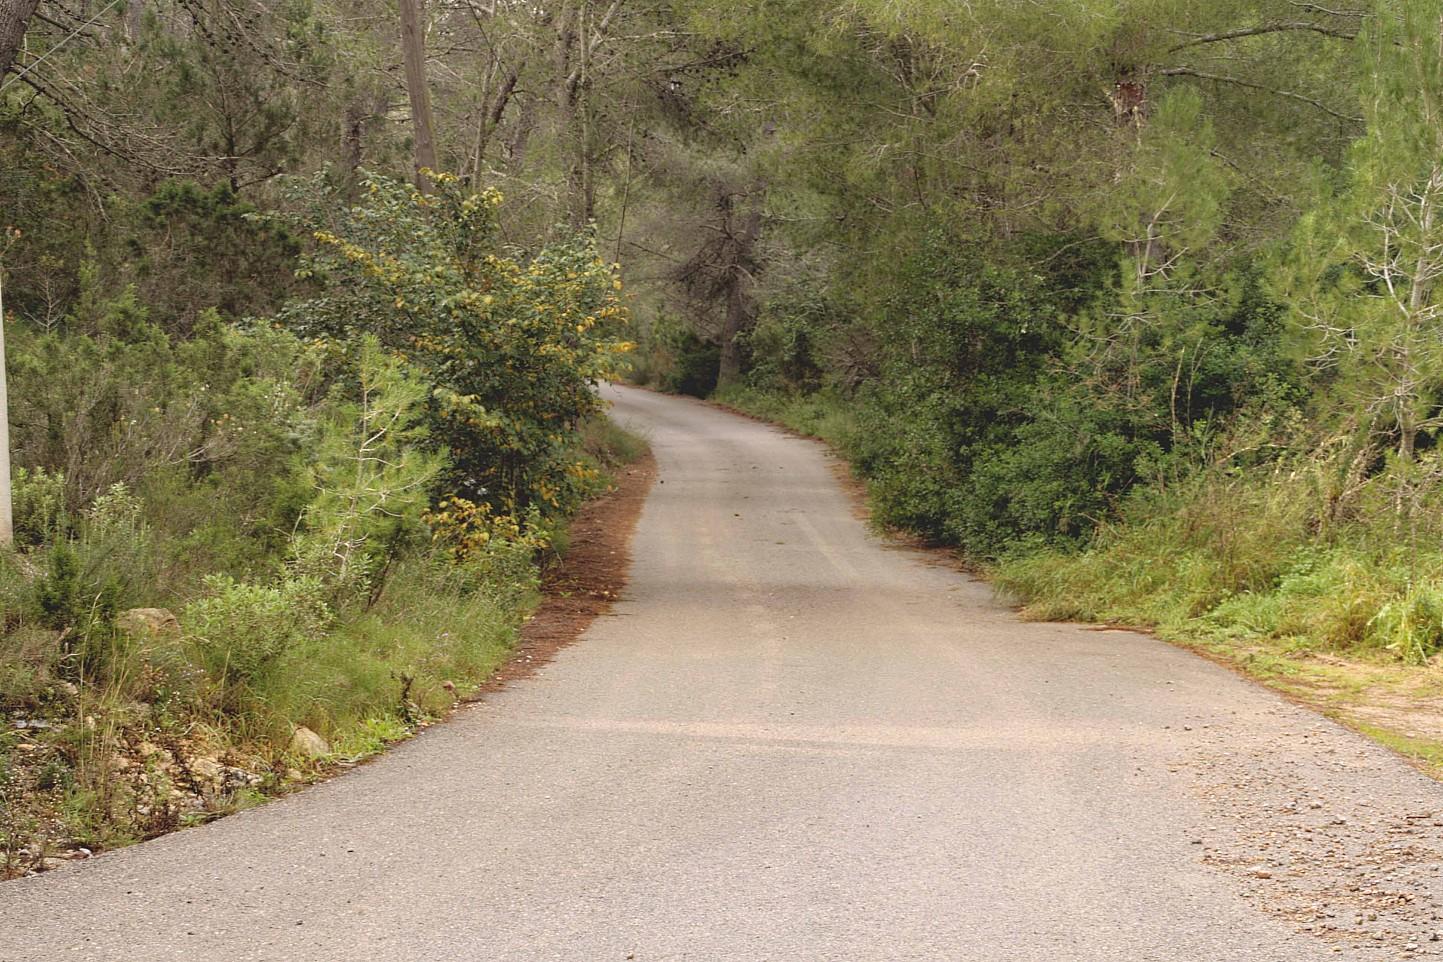 carretera de acceso a terreno en venta en urbanizacion de lujo en Ibiza